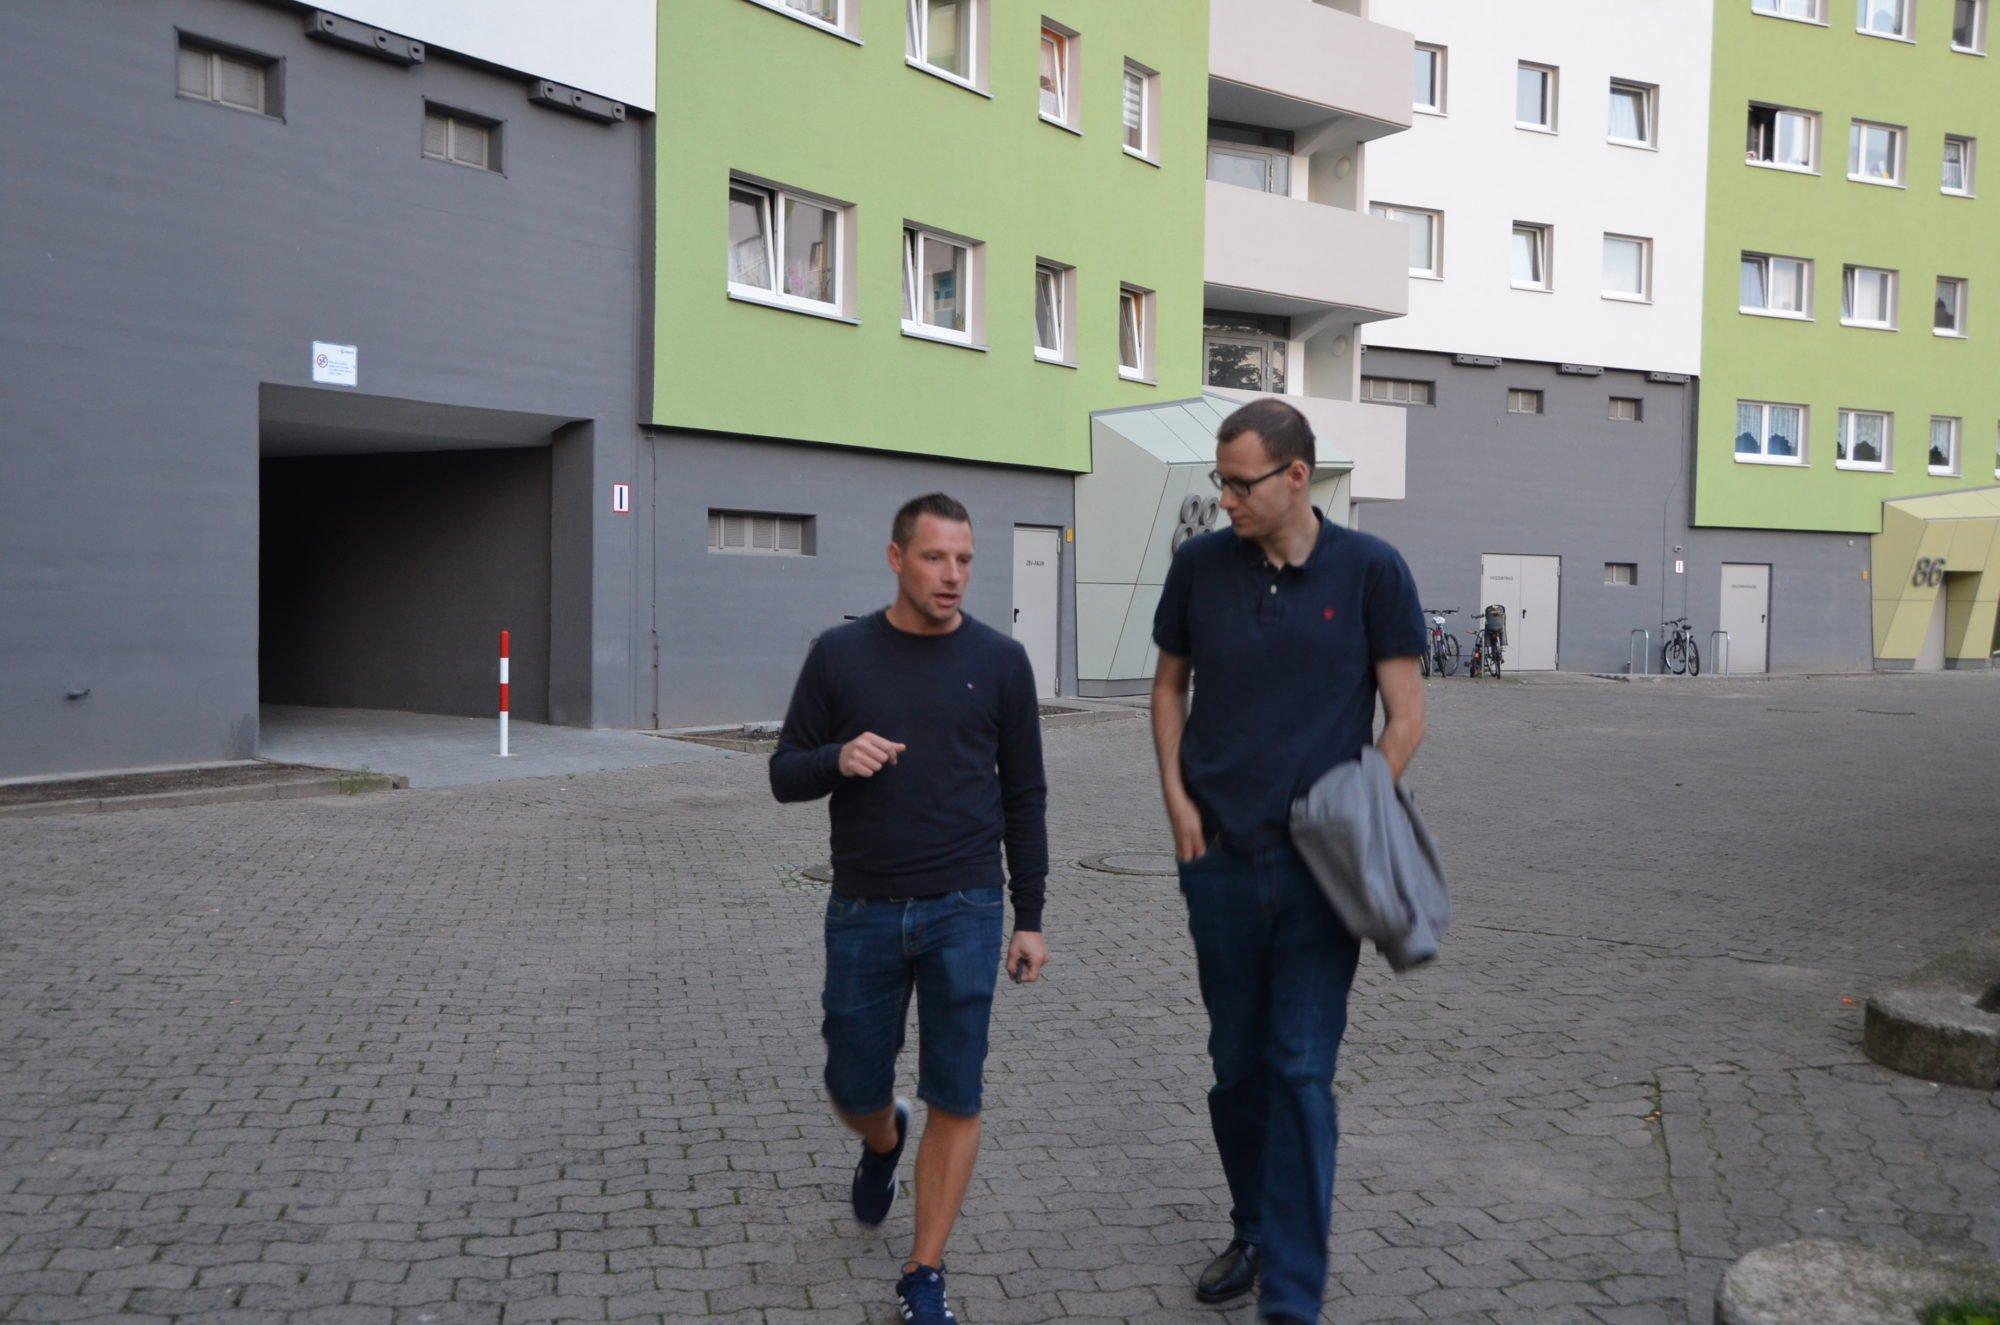 Die beiden laufen vor einem Plattenbau und unterhalten sich.